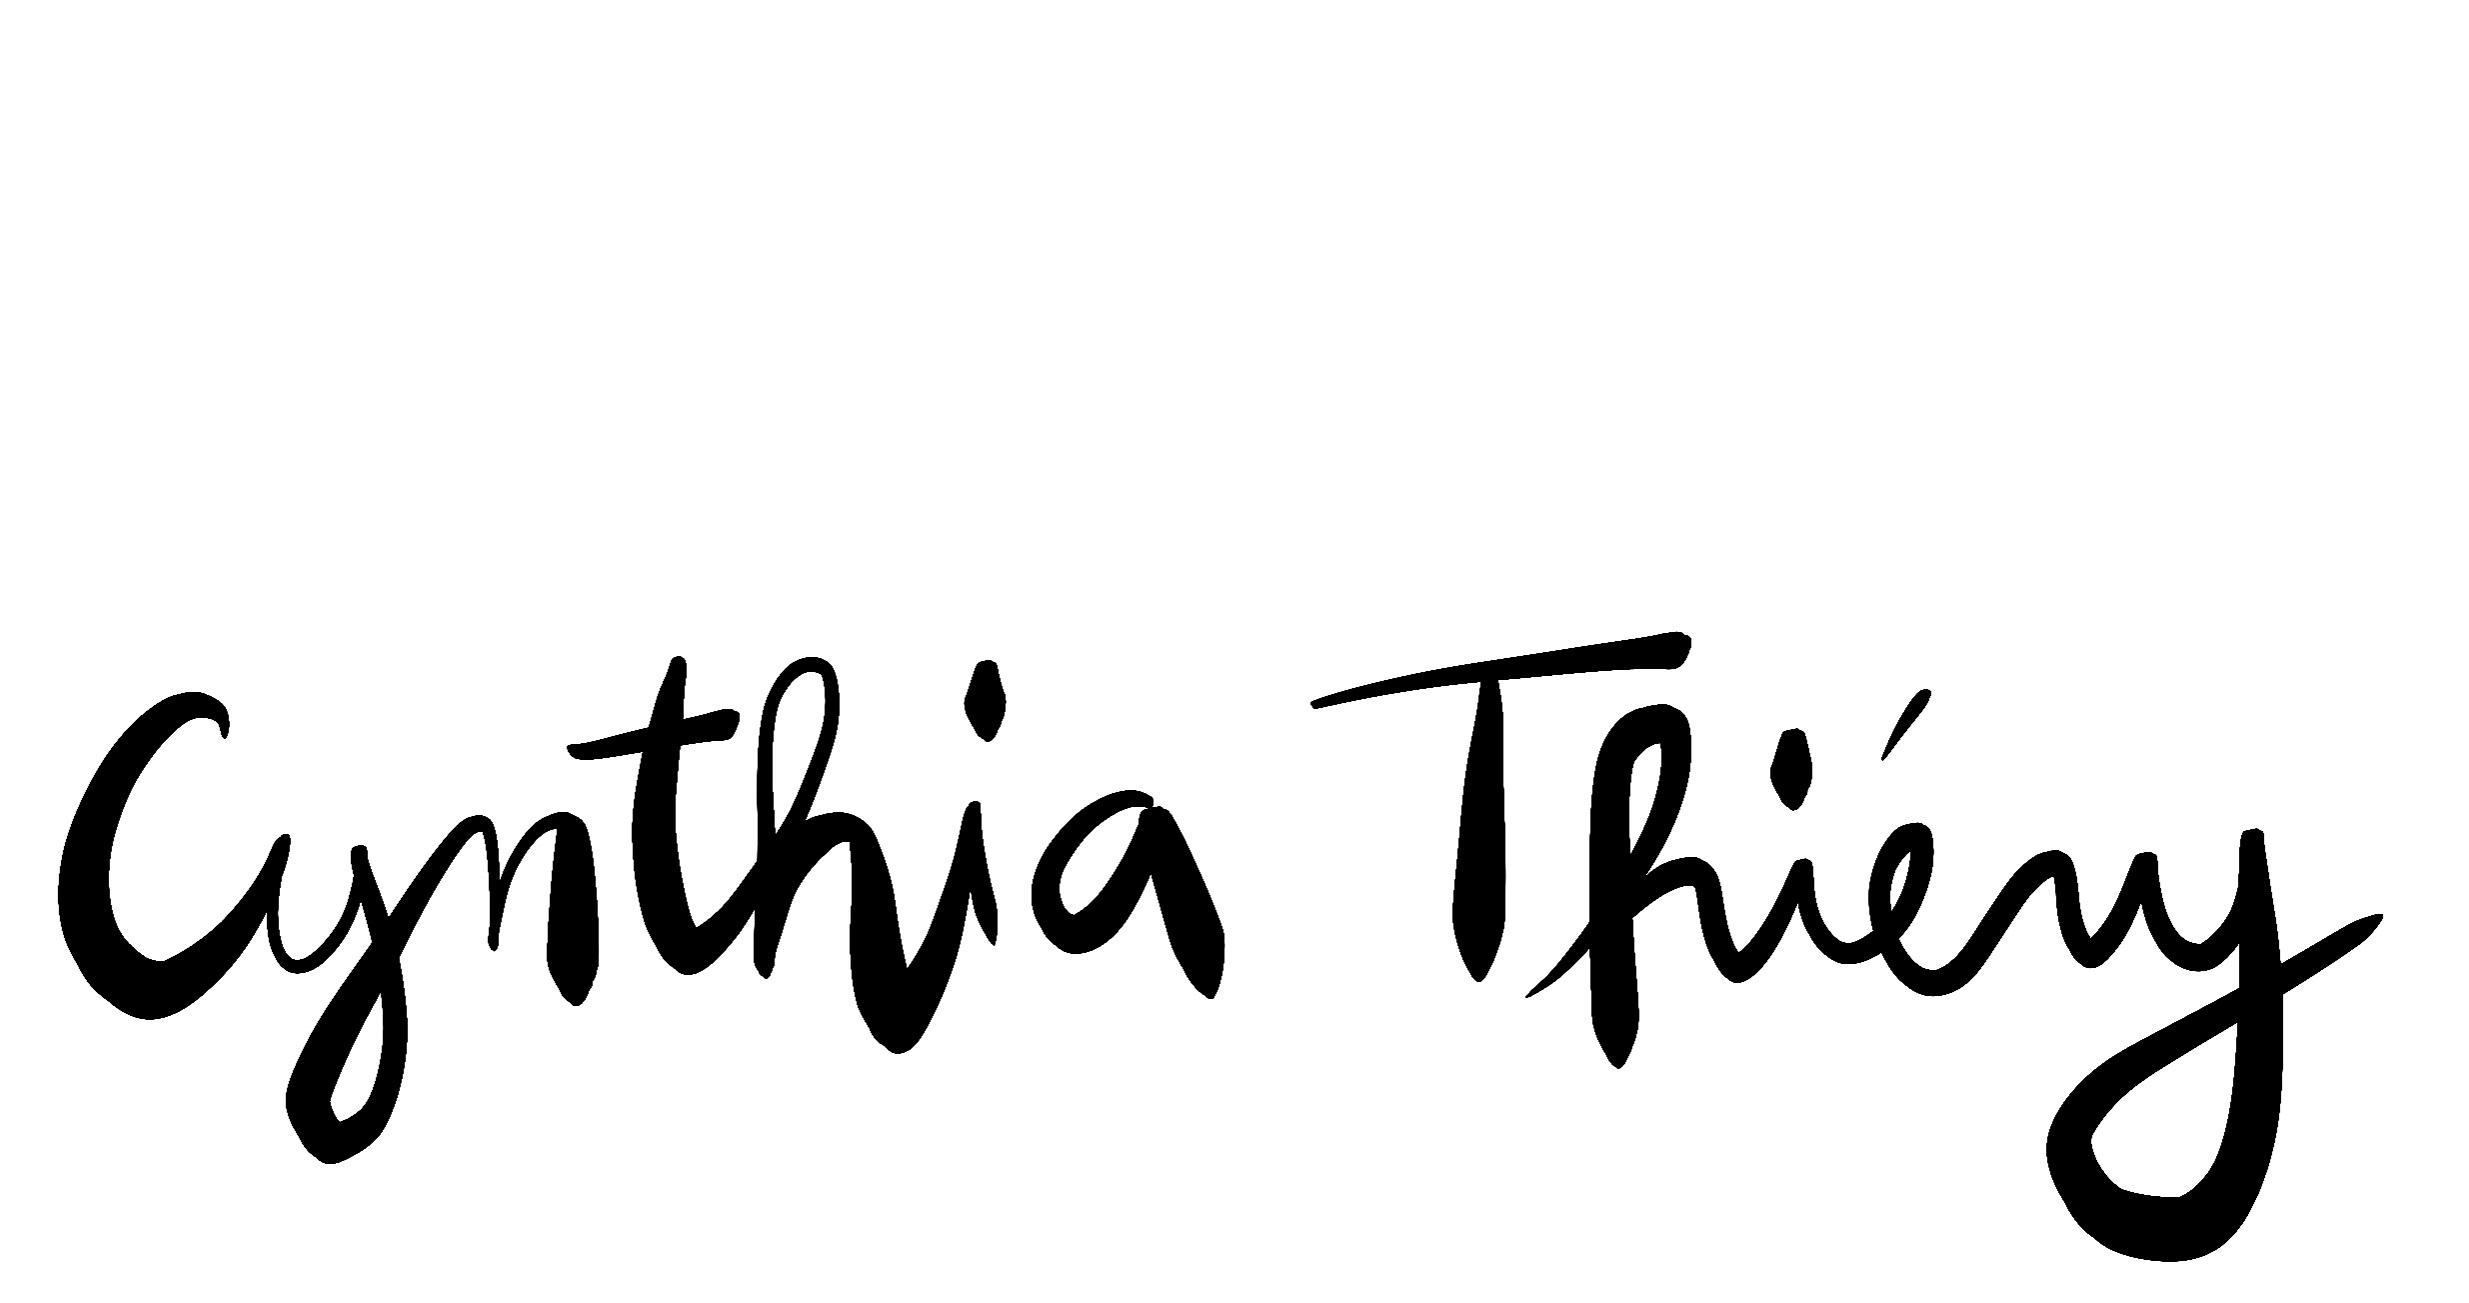 Cynthia Thiery